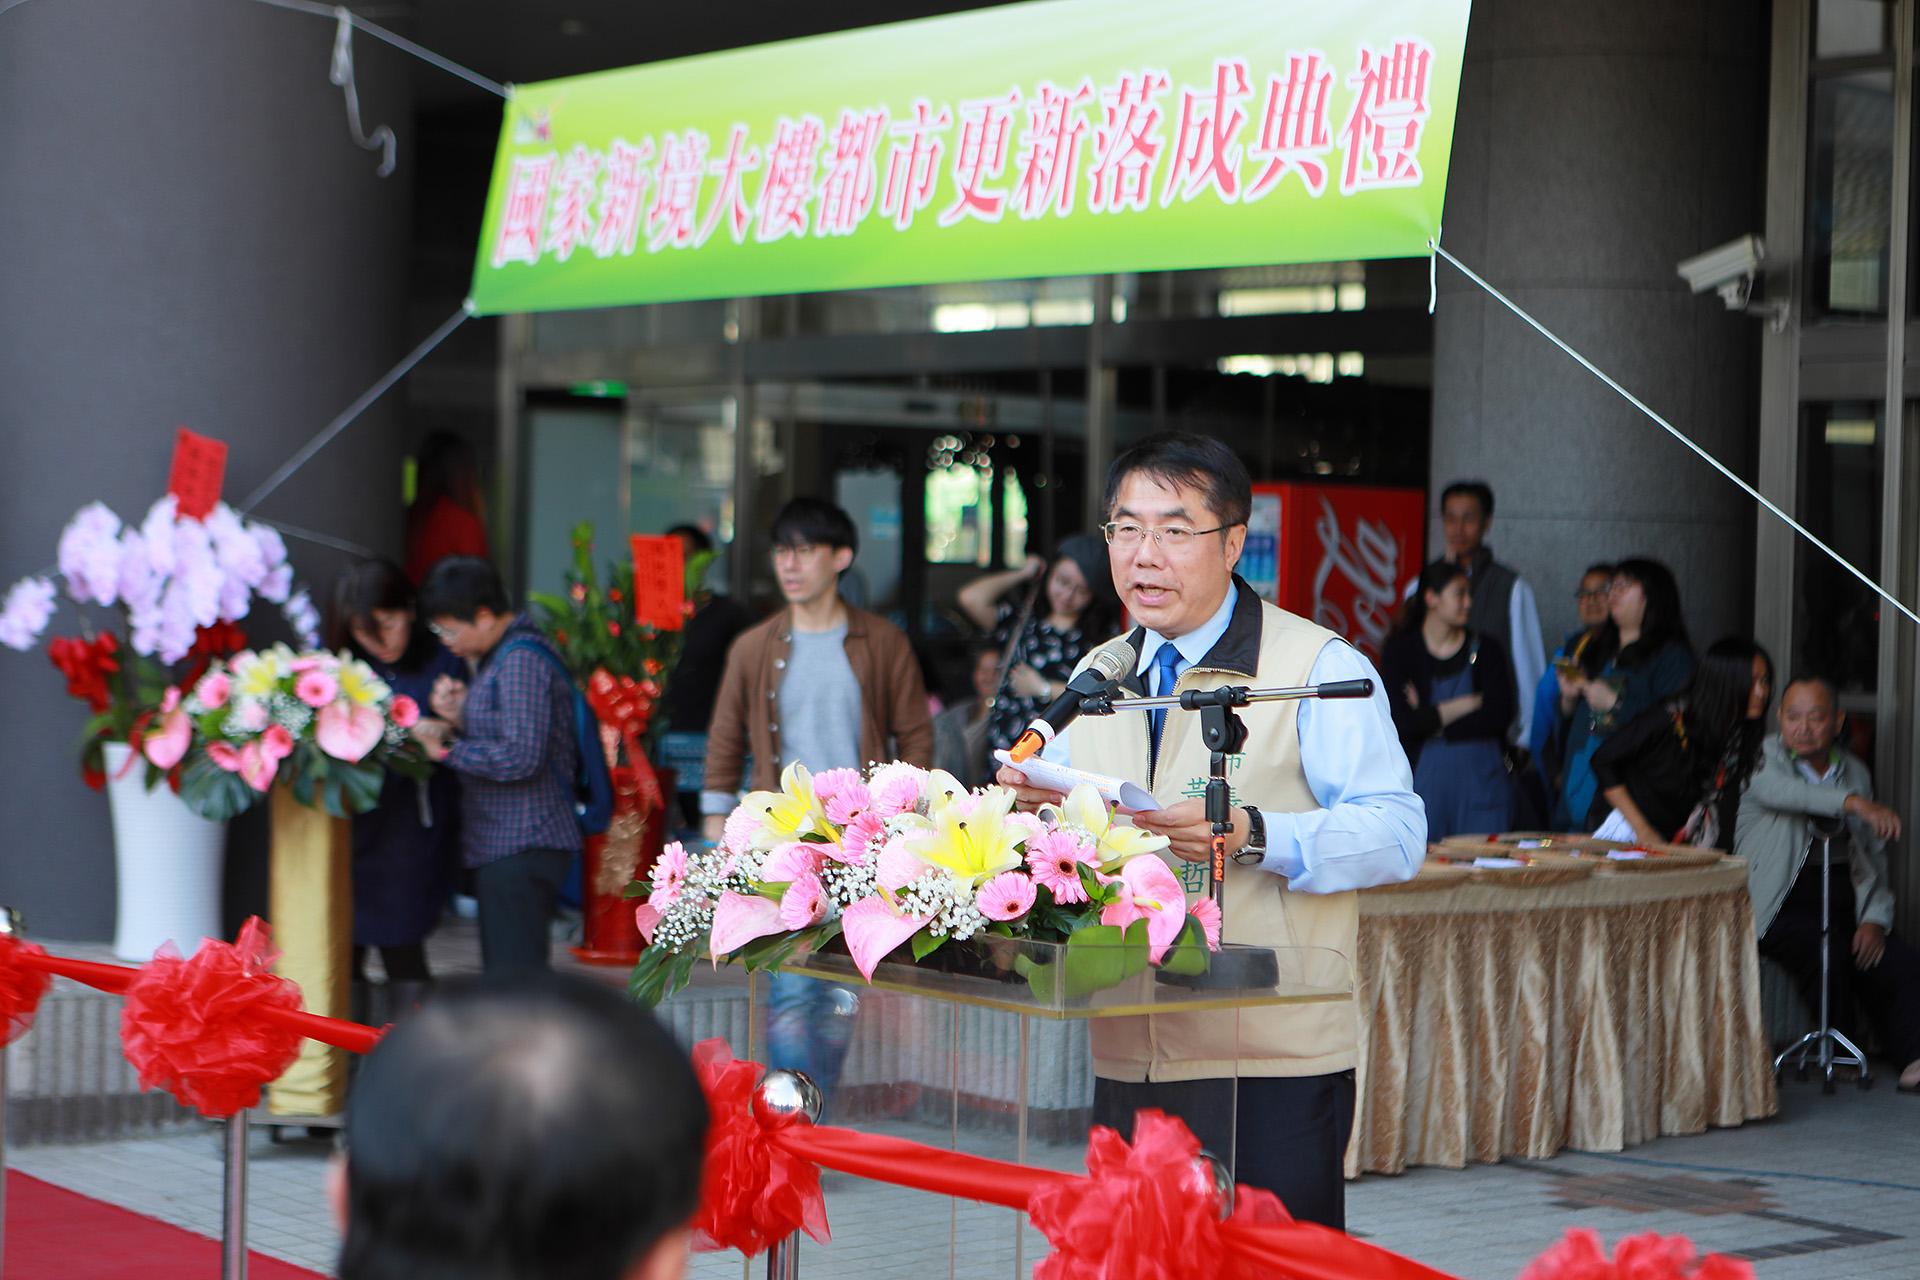 市長出席台南國家新境大樓自主都更竣工落成記者會致詞